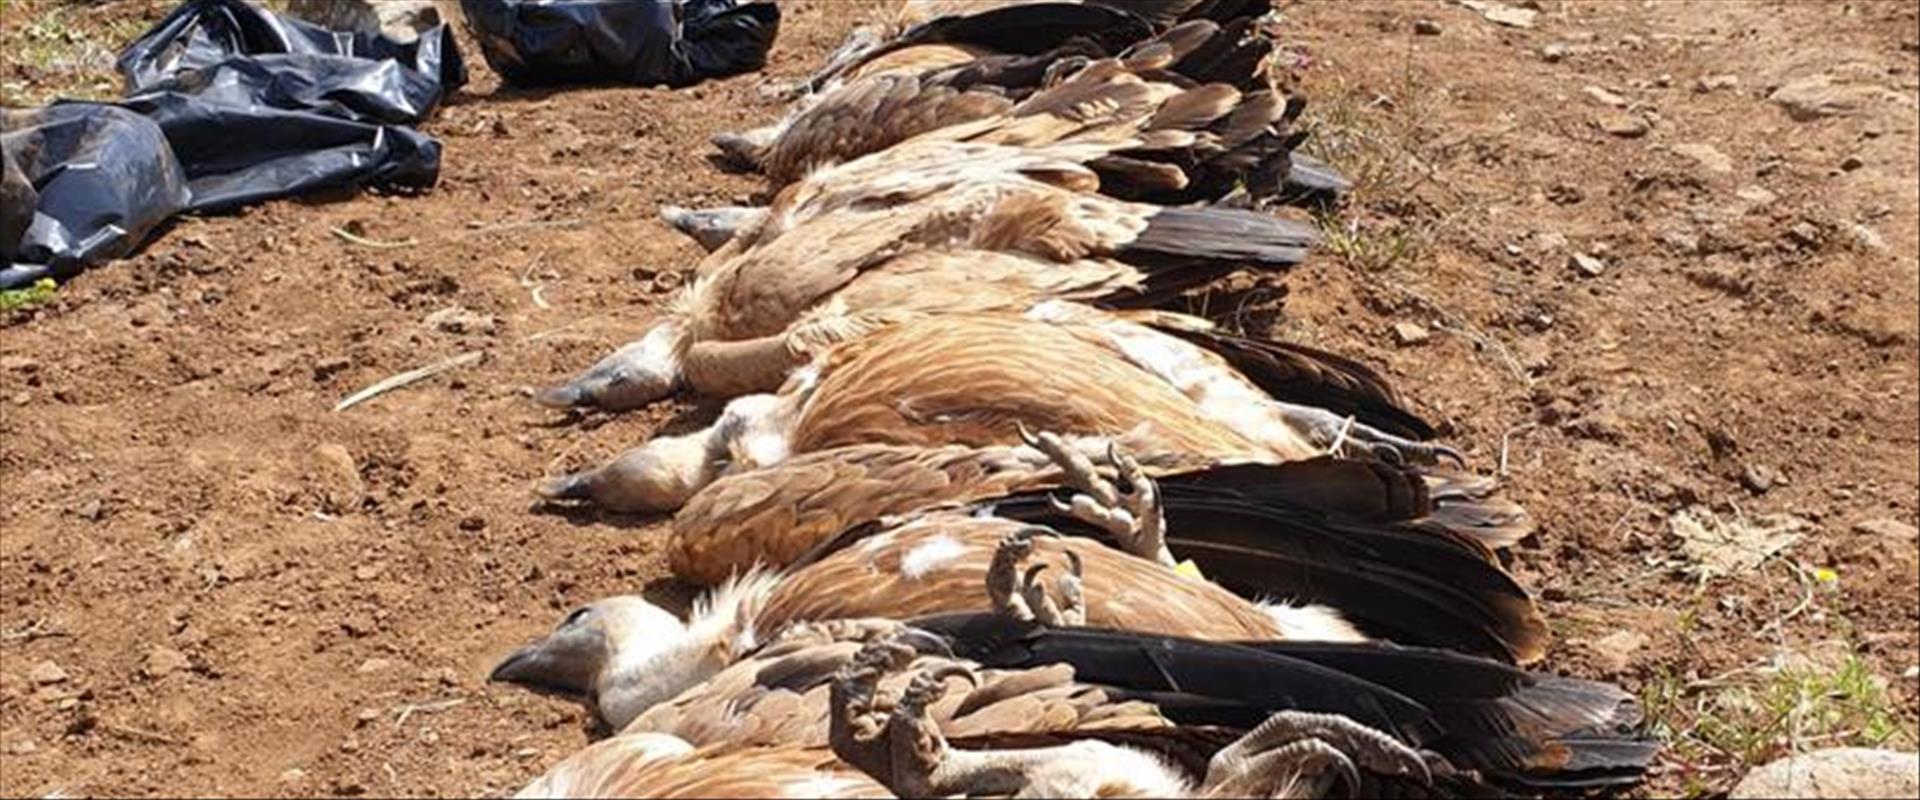 Aigles du Golan ont été empoisonnés